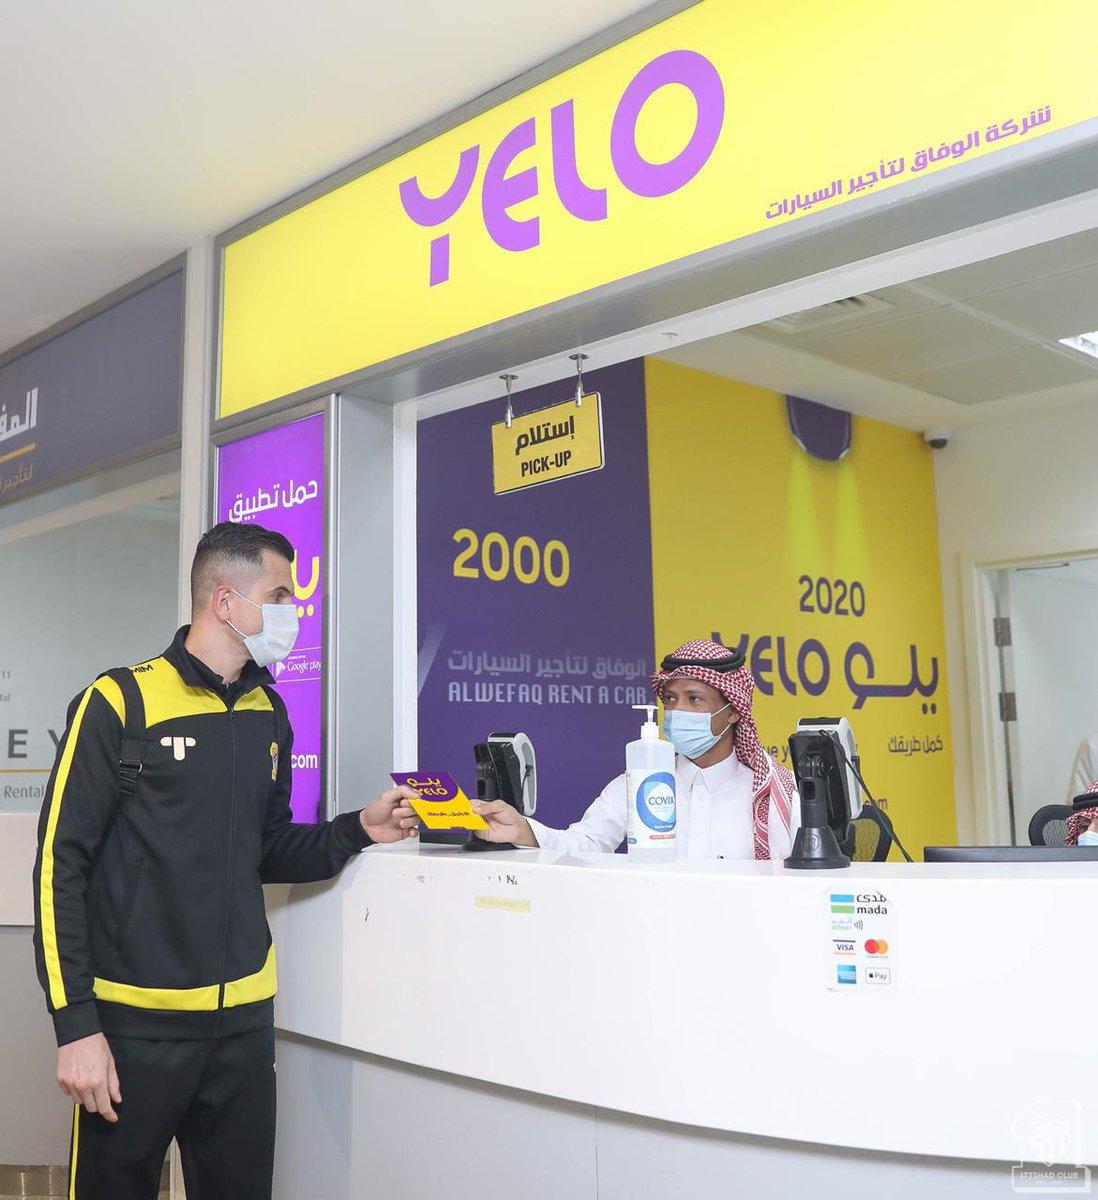 شريكنا @YeloDrive معانا في كل البطولات ومتواجدين في كل المطارات